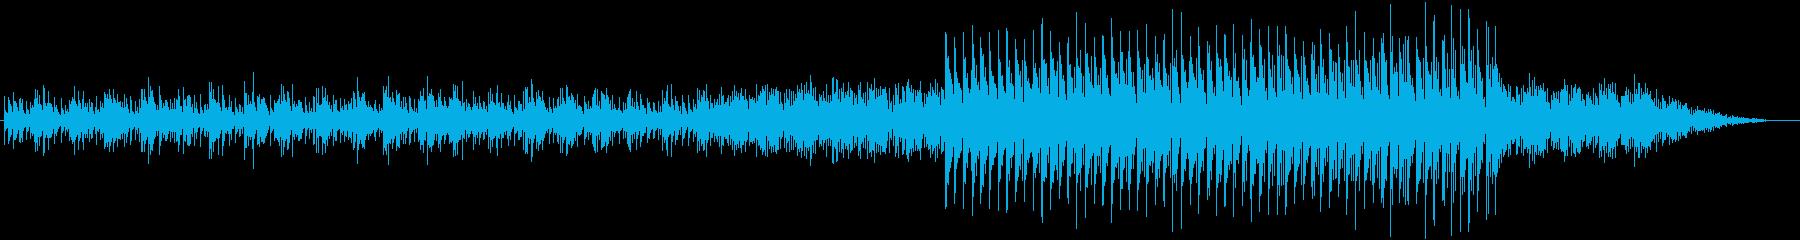 トロピカルなミニマルテクノの再生済みの波形